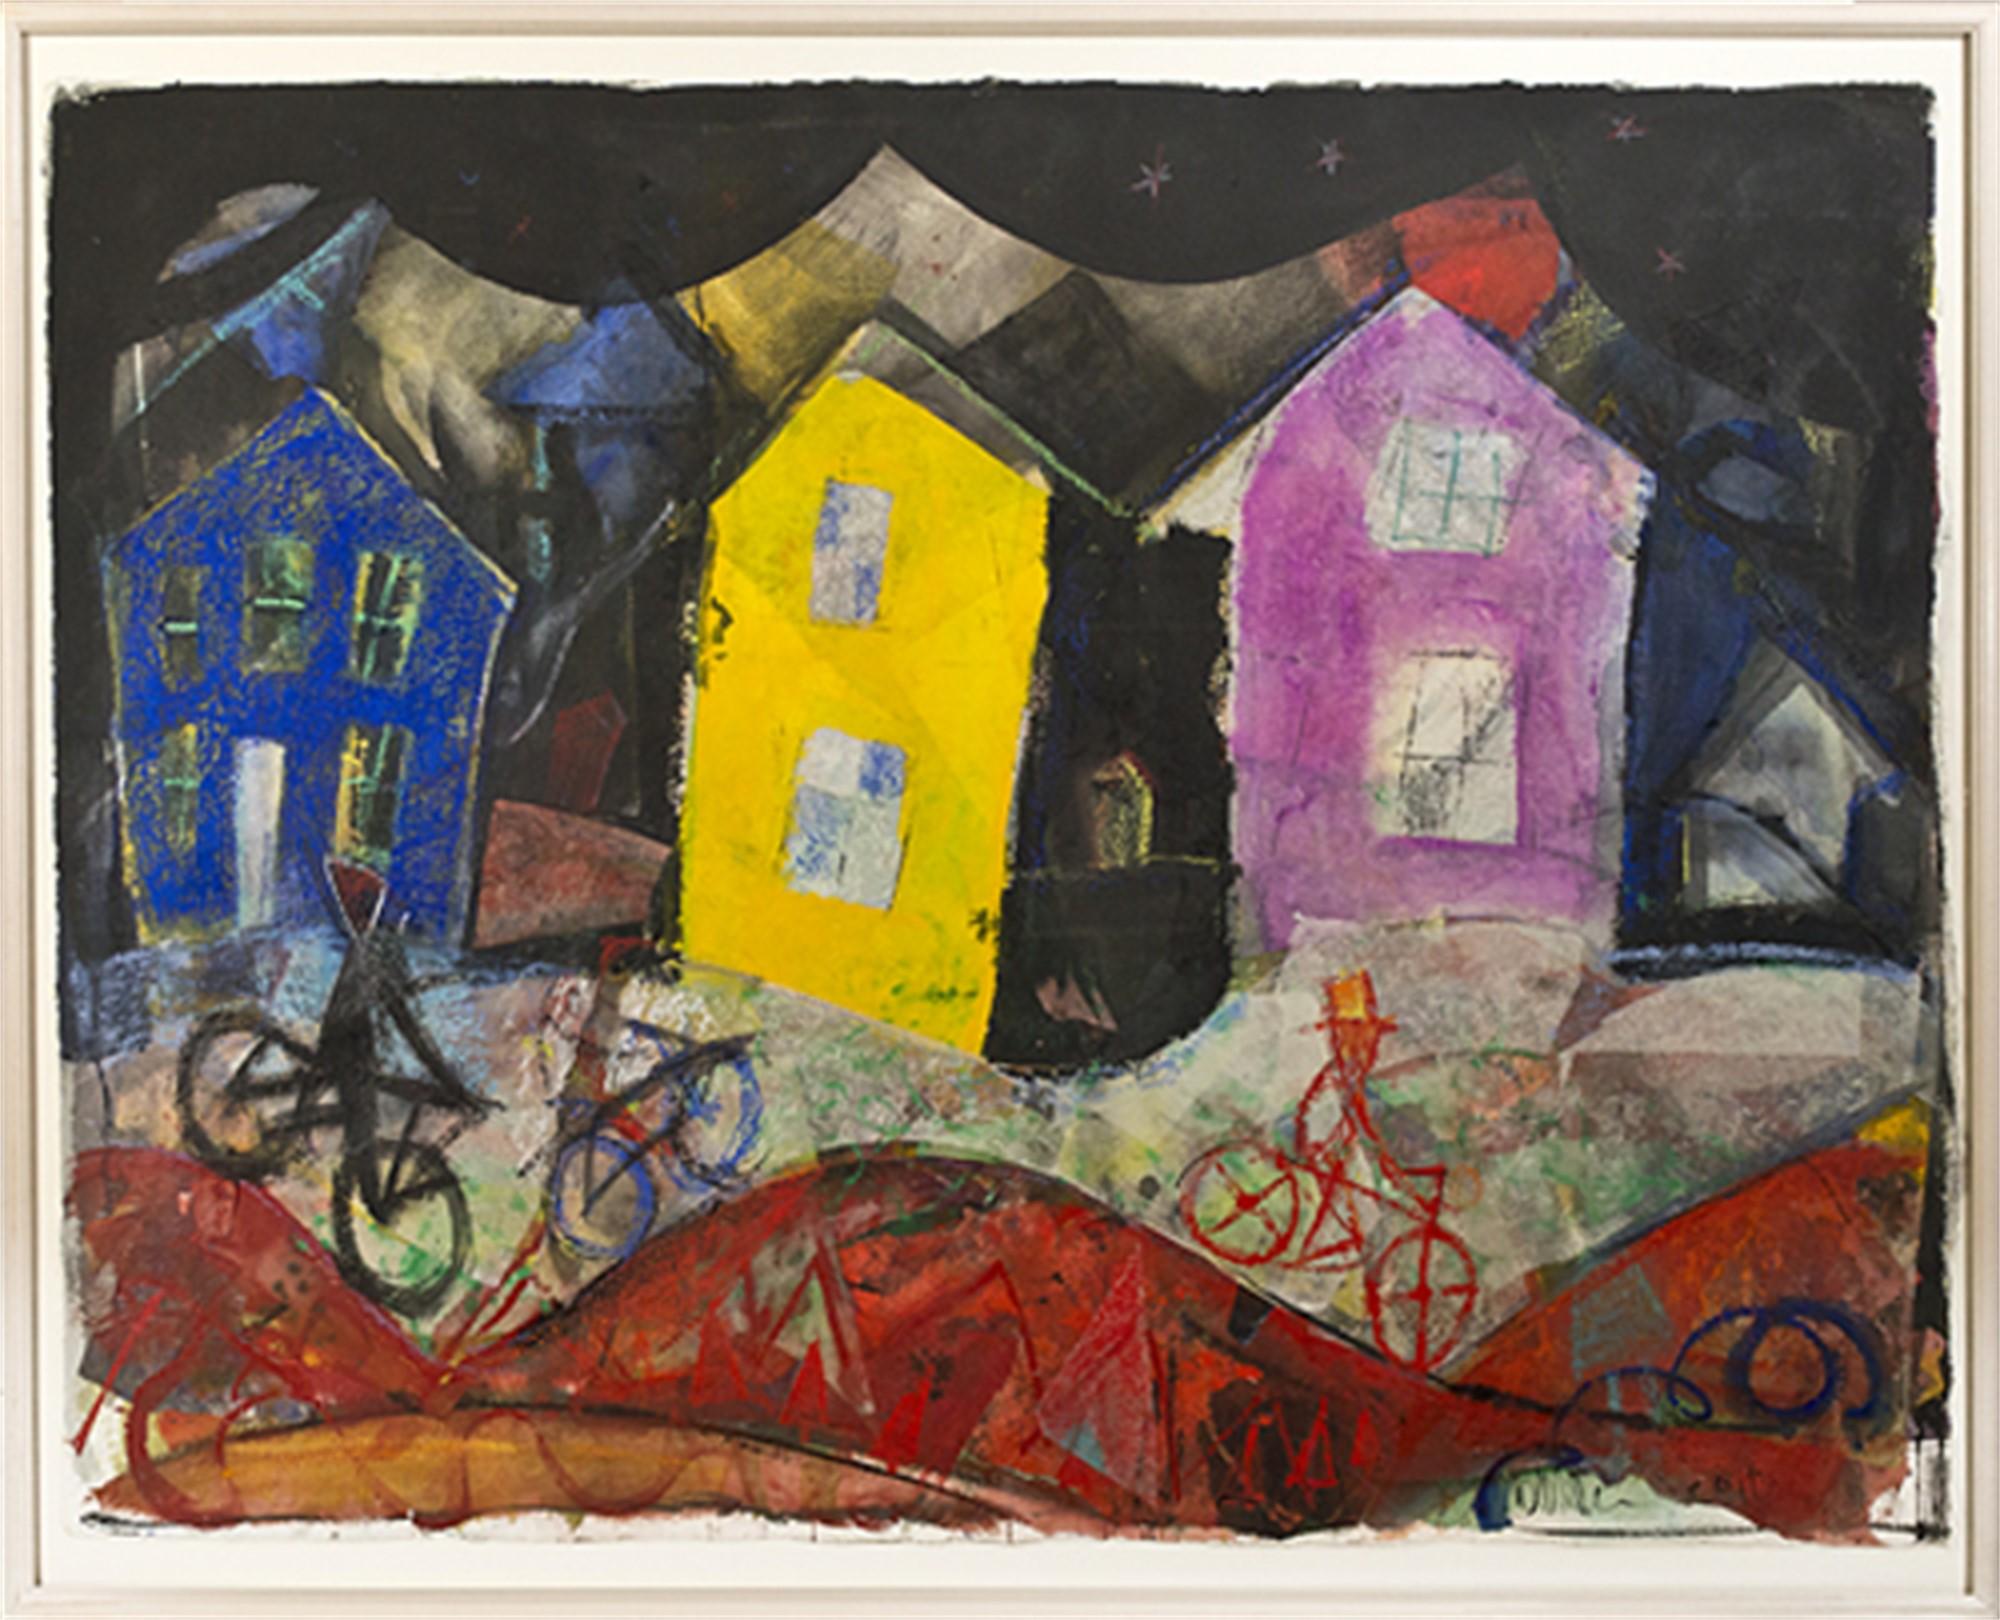 Houses at Night by Dan Muller